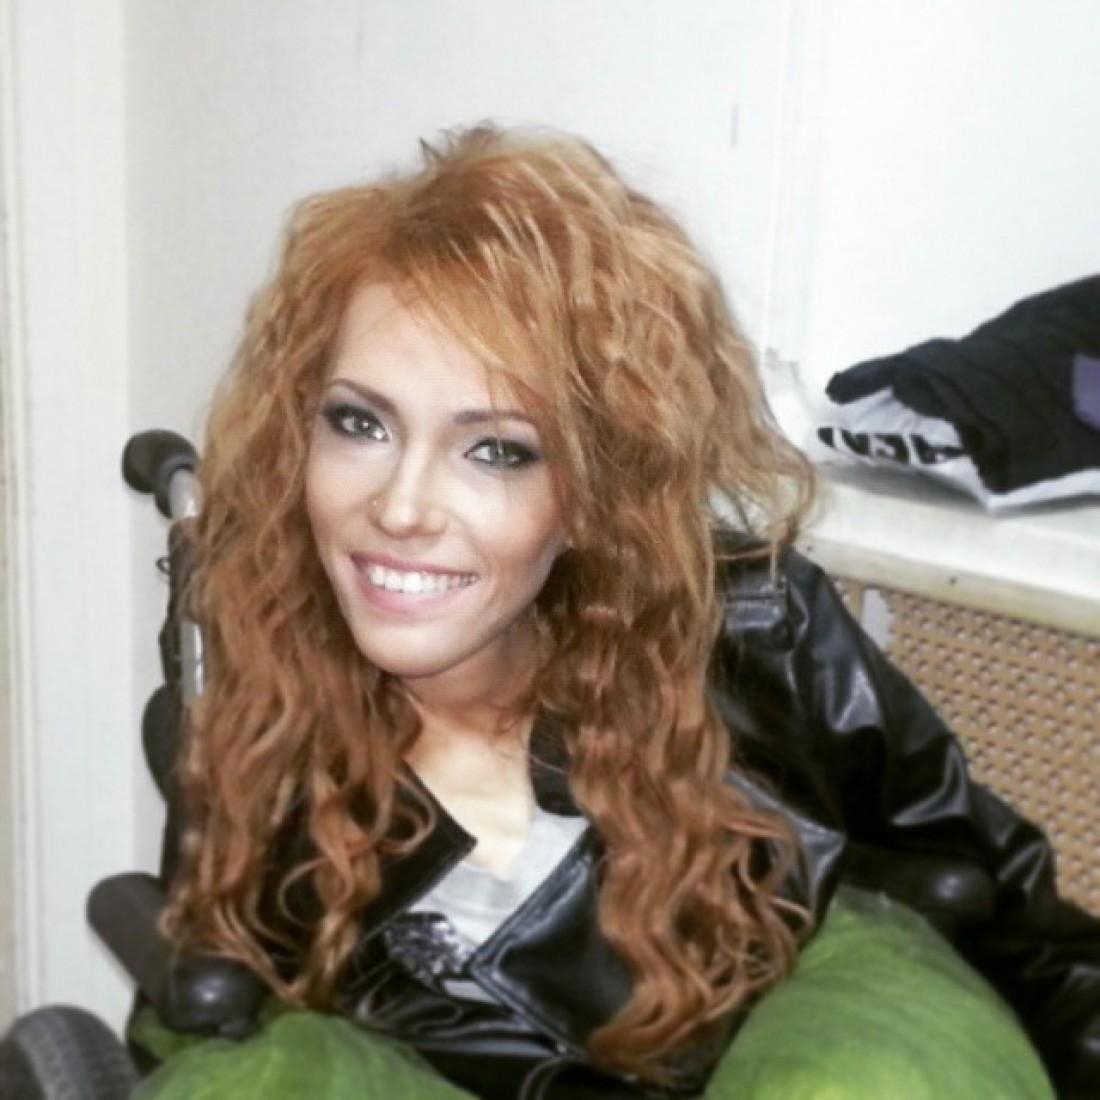 Евровидение 2017 Россия: Юлия Самойлова